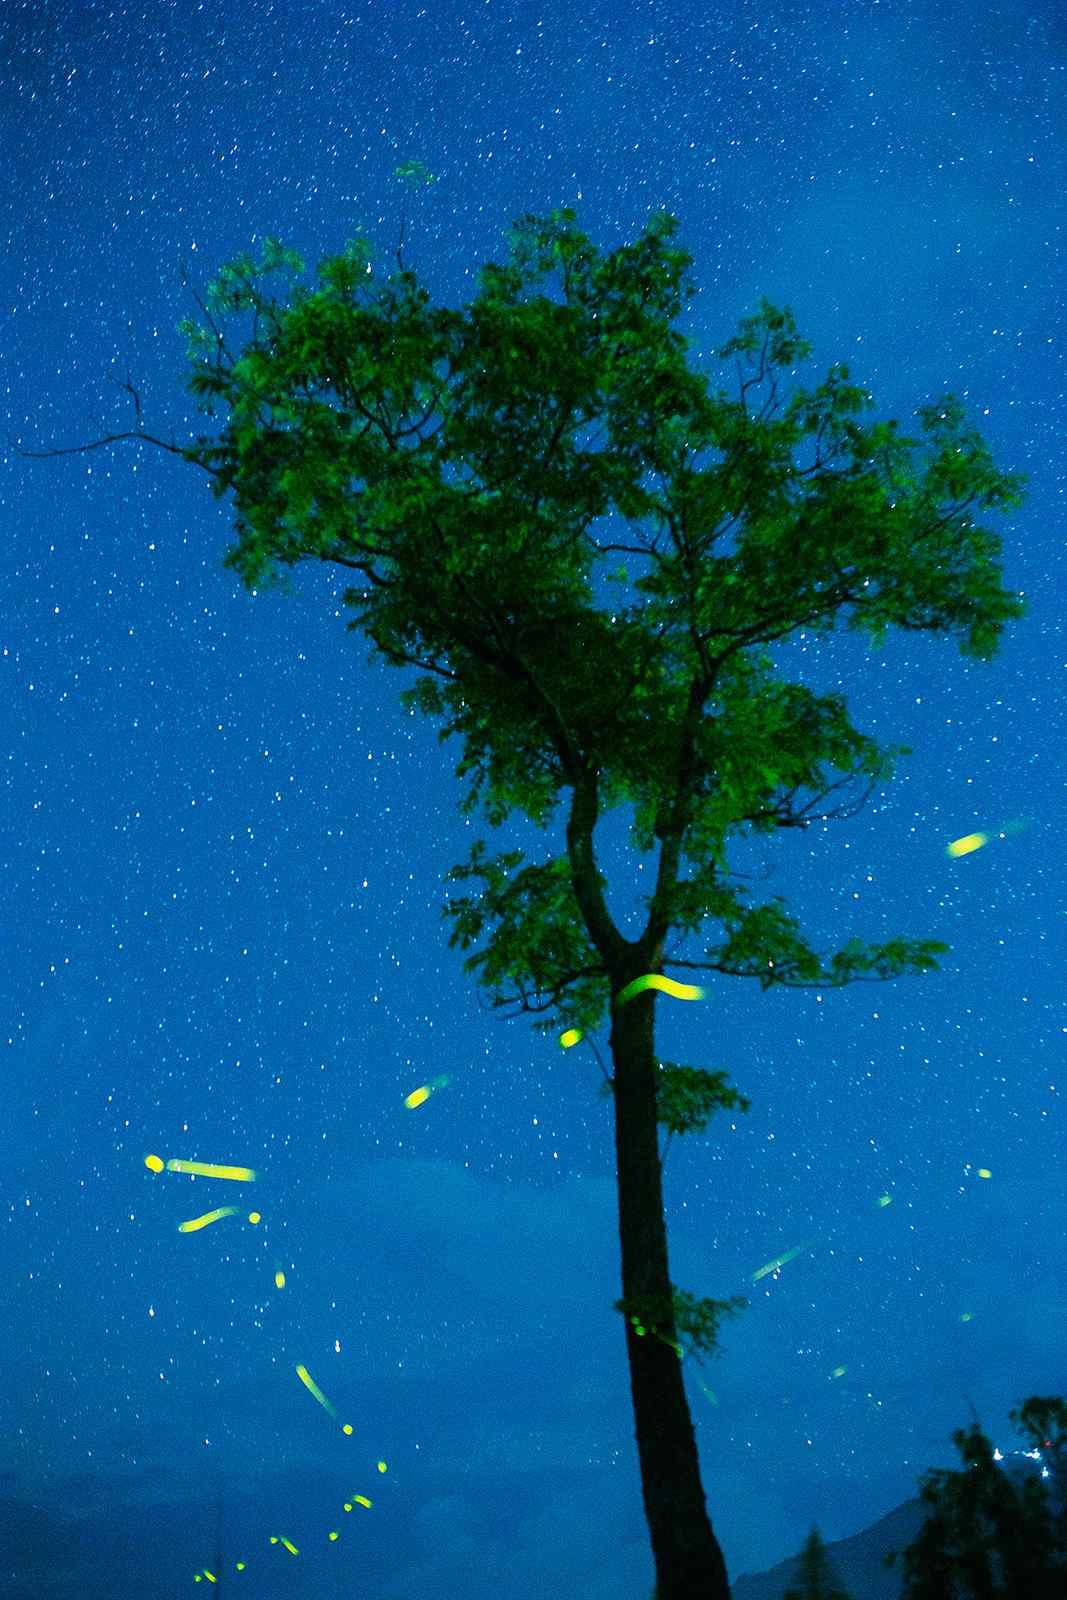 星空下飞舞的萤火虫手机壁纸